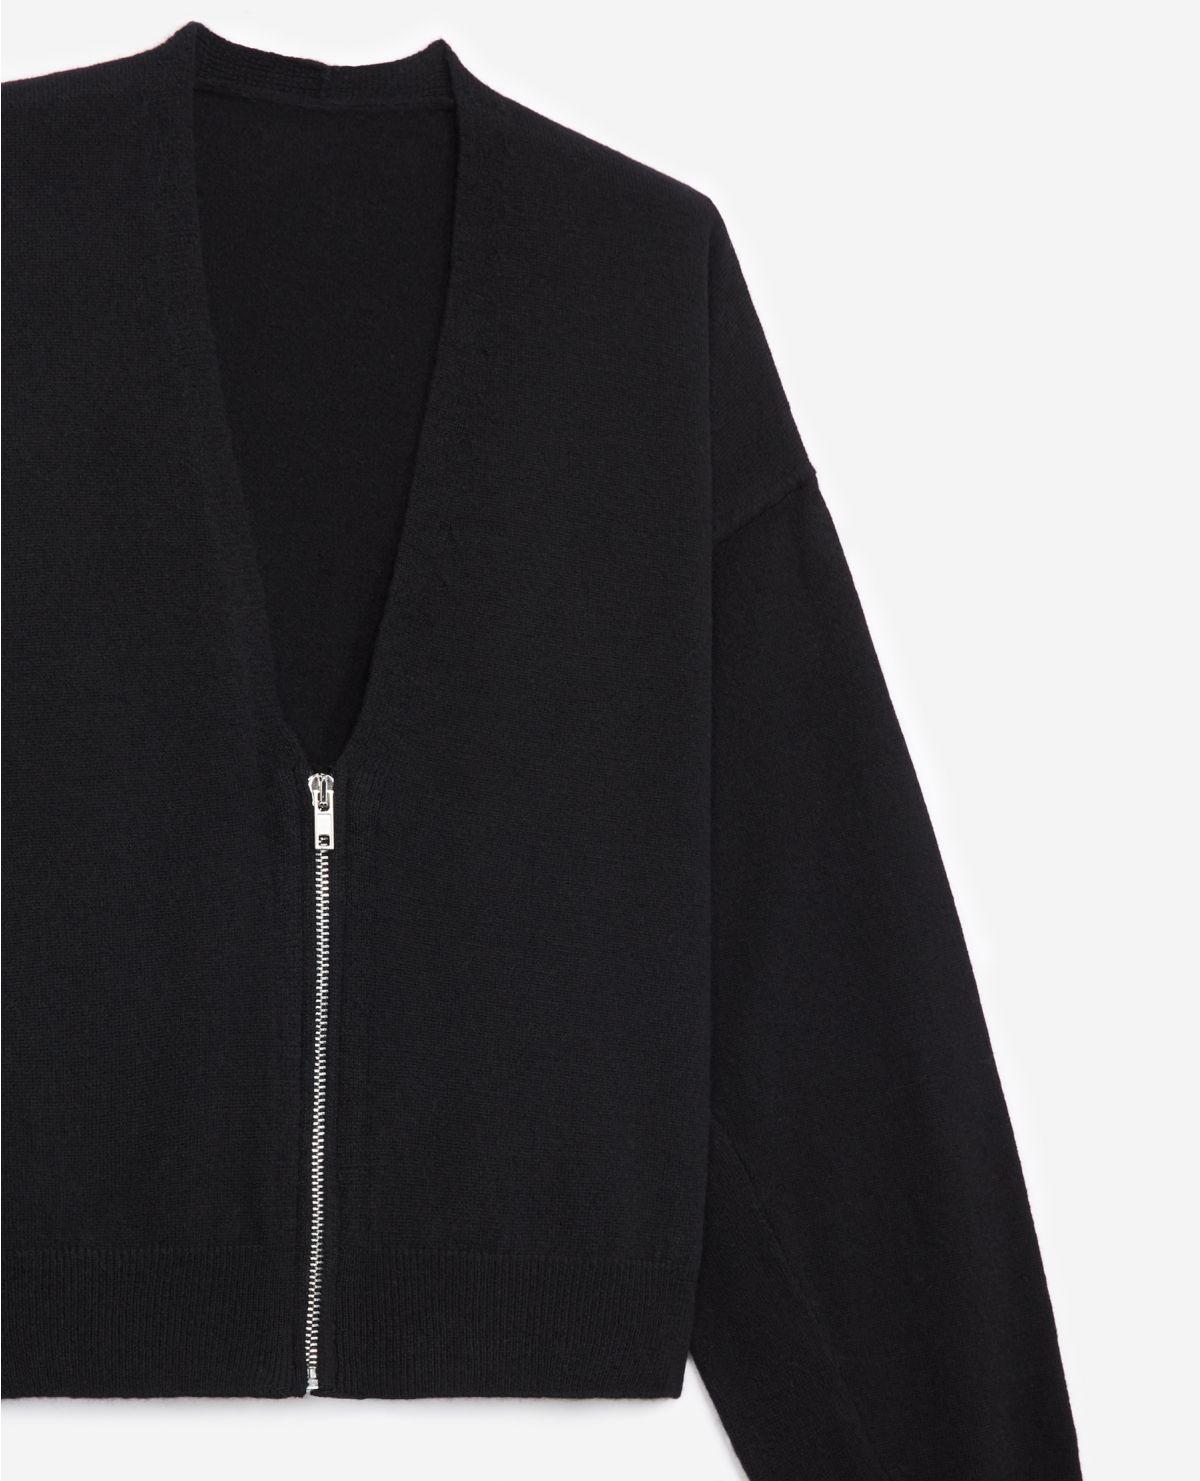 THE KOOPLES  cardigan noir zippé à manches amples-4